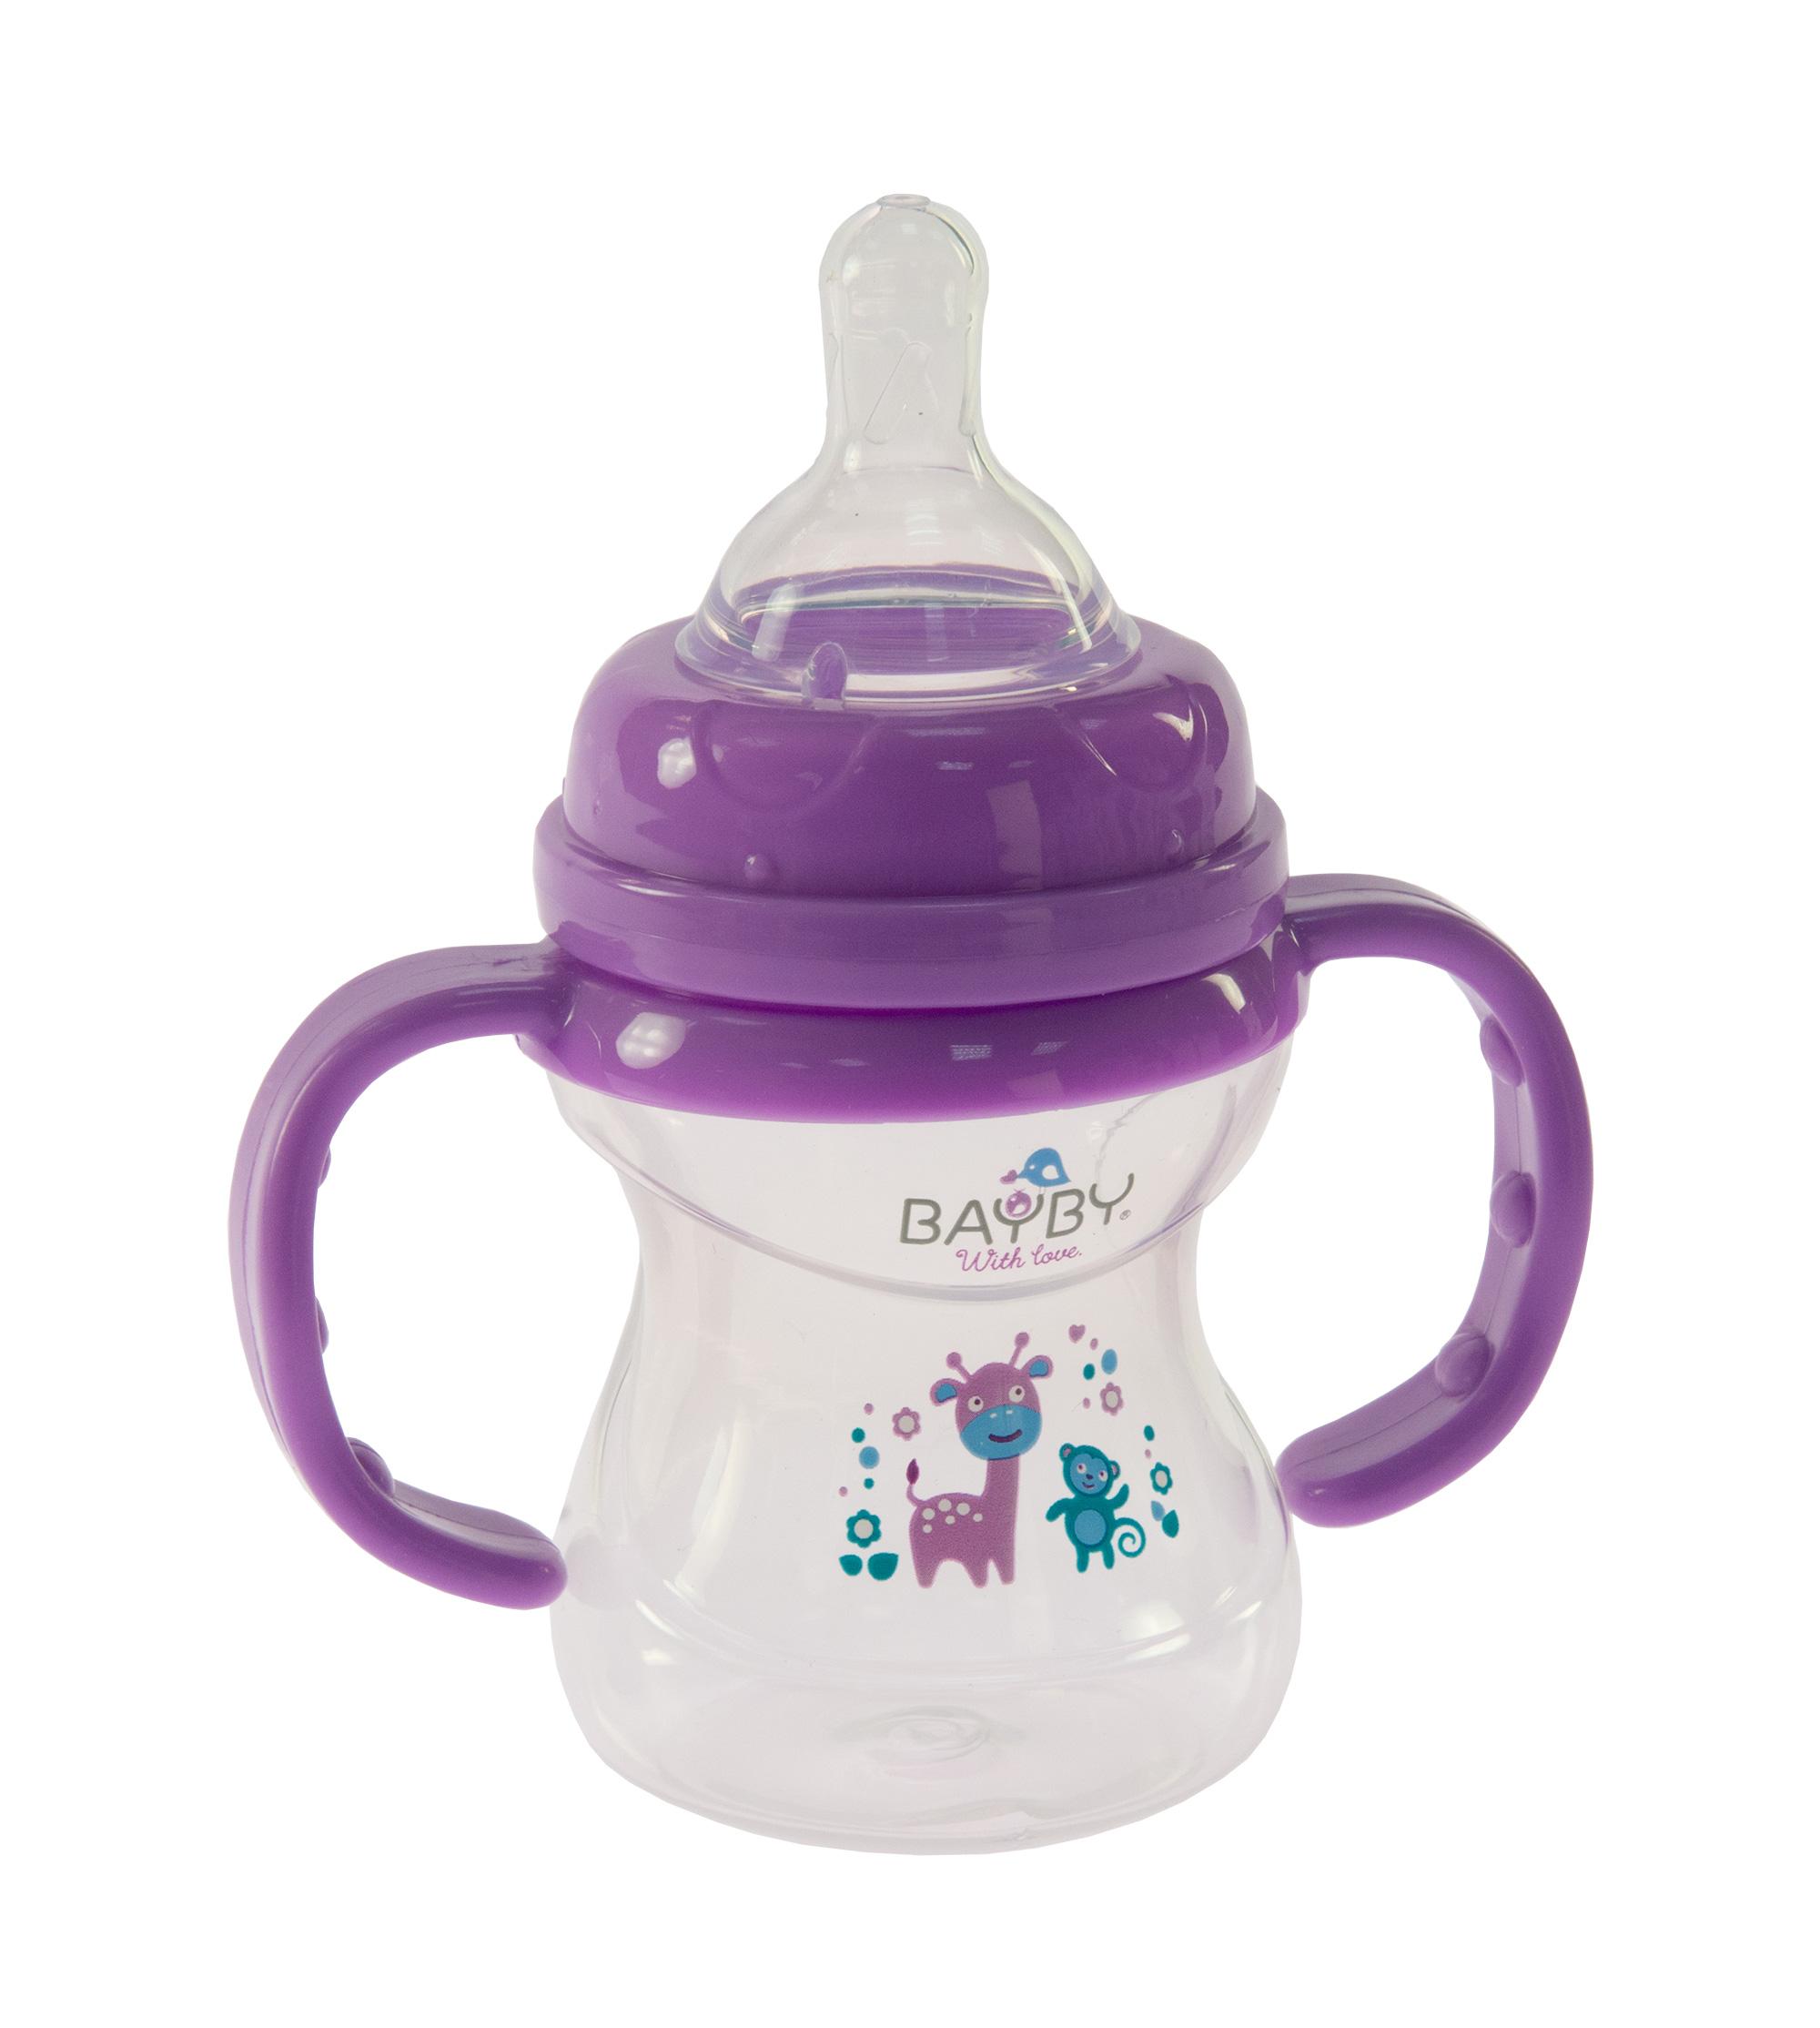 Bayby Бутылочка для кормления 150мл 6м+ фиолетовая